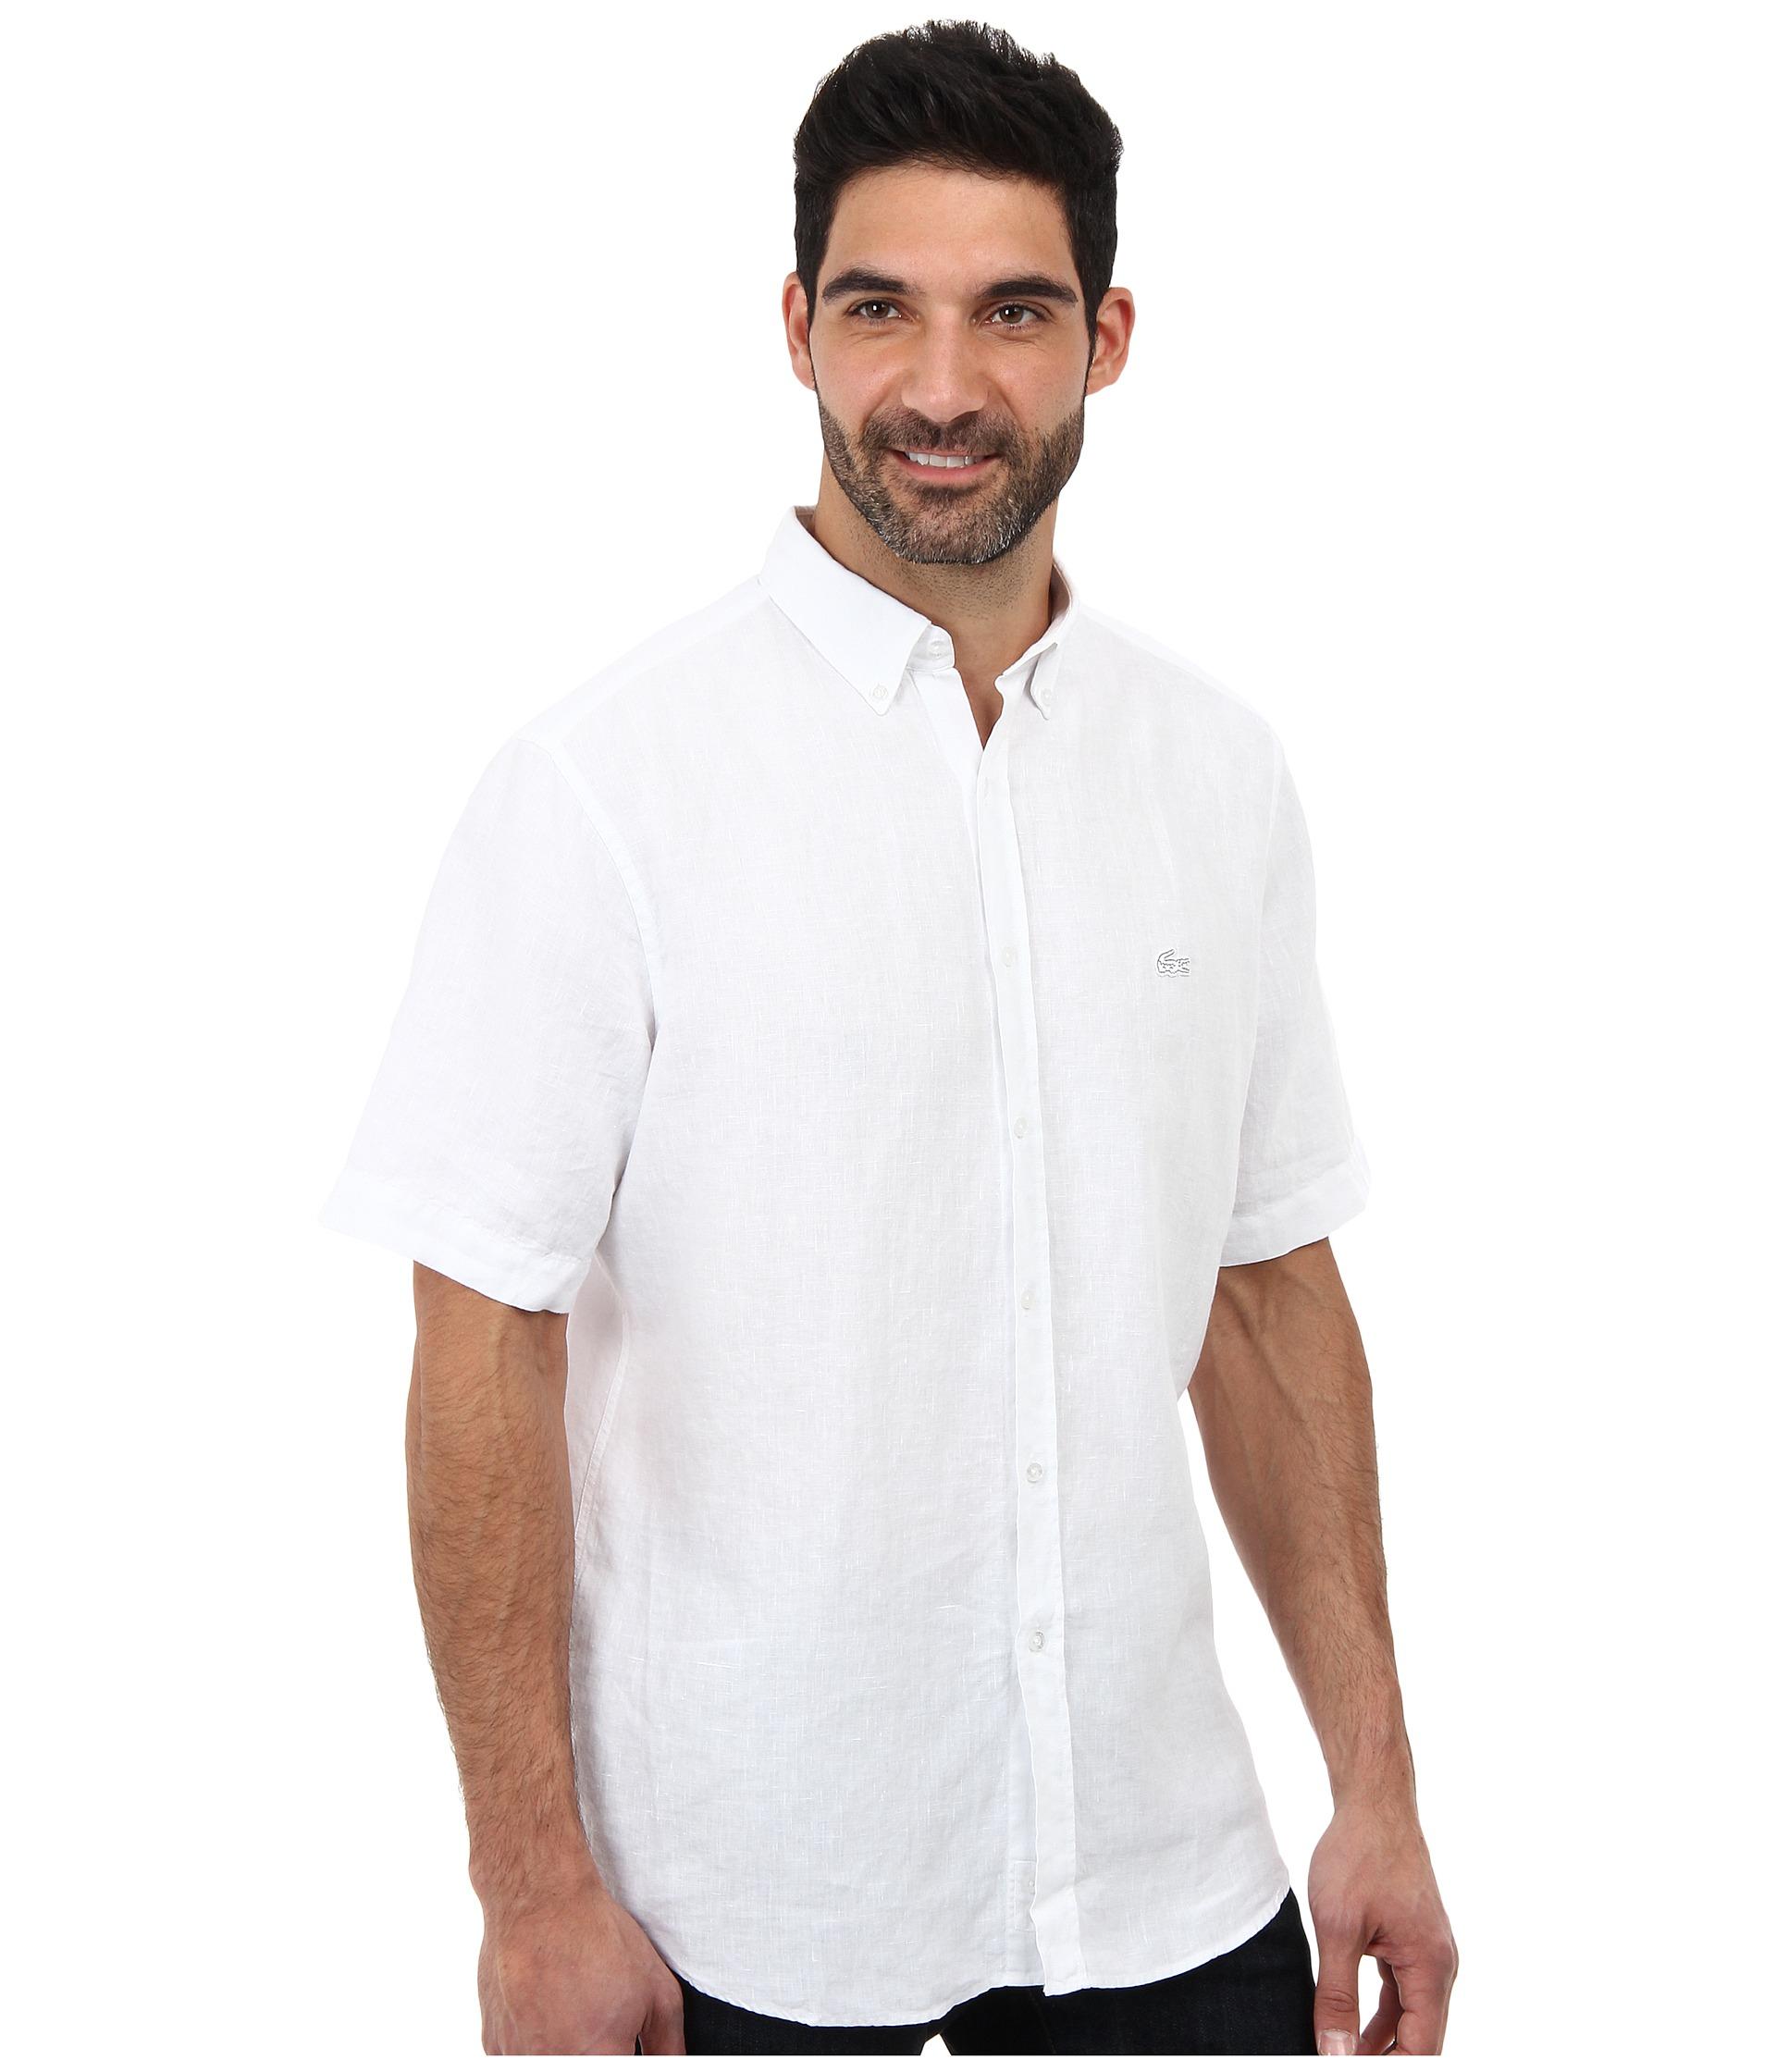 b0f607b5 Men's White Short Sleeve Button Down Linen Woven Shirt